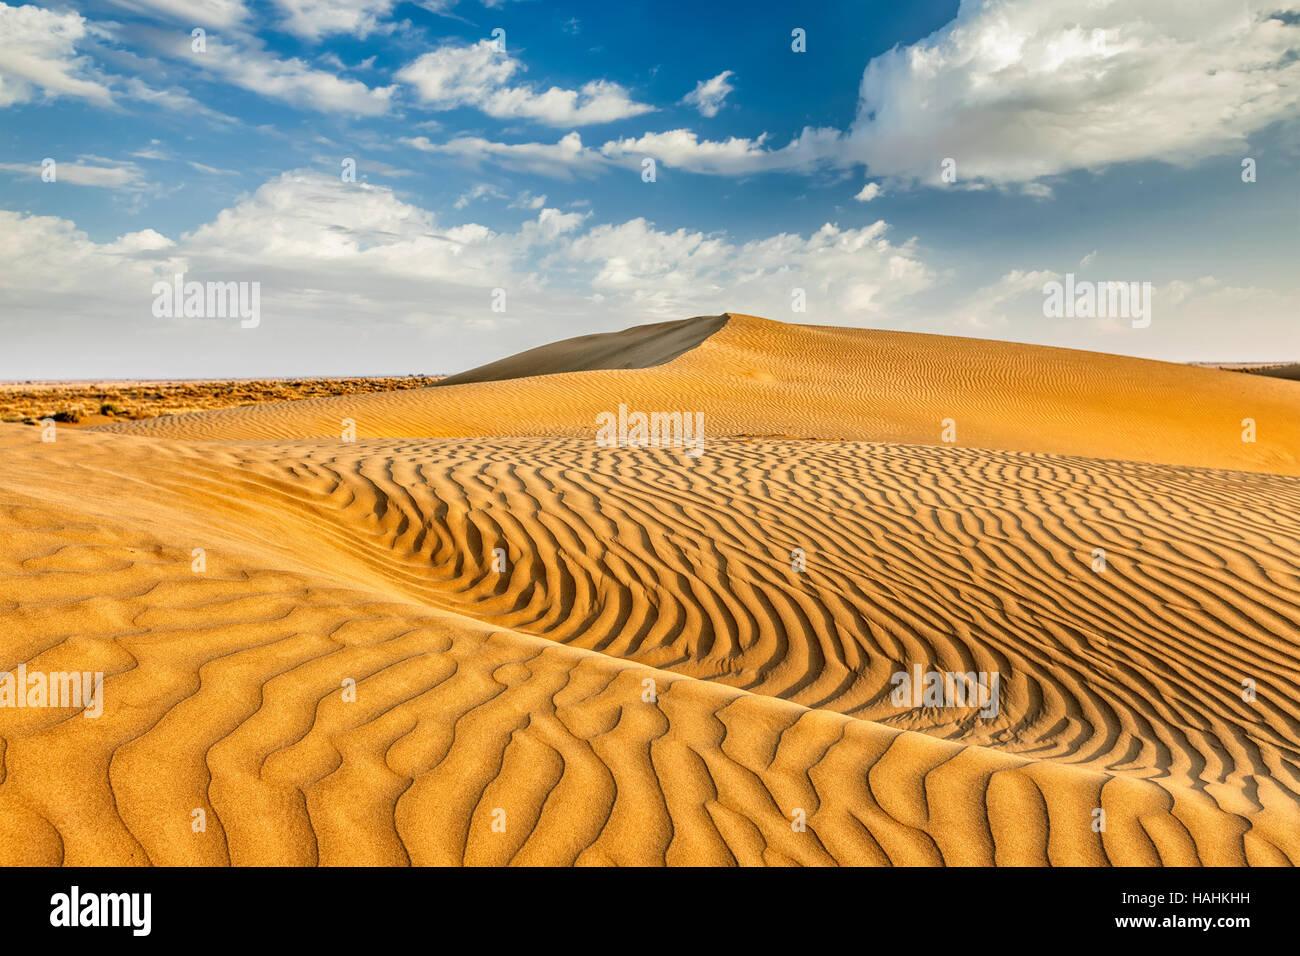 Sand dunes in desert - Stock Image